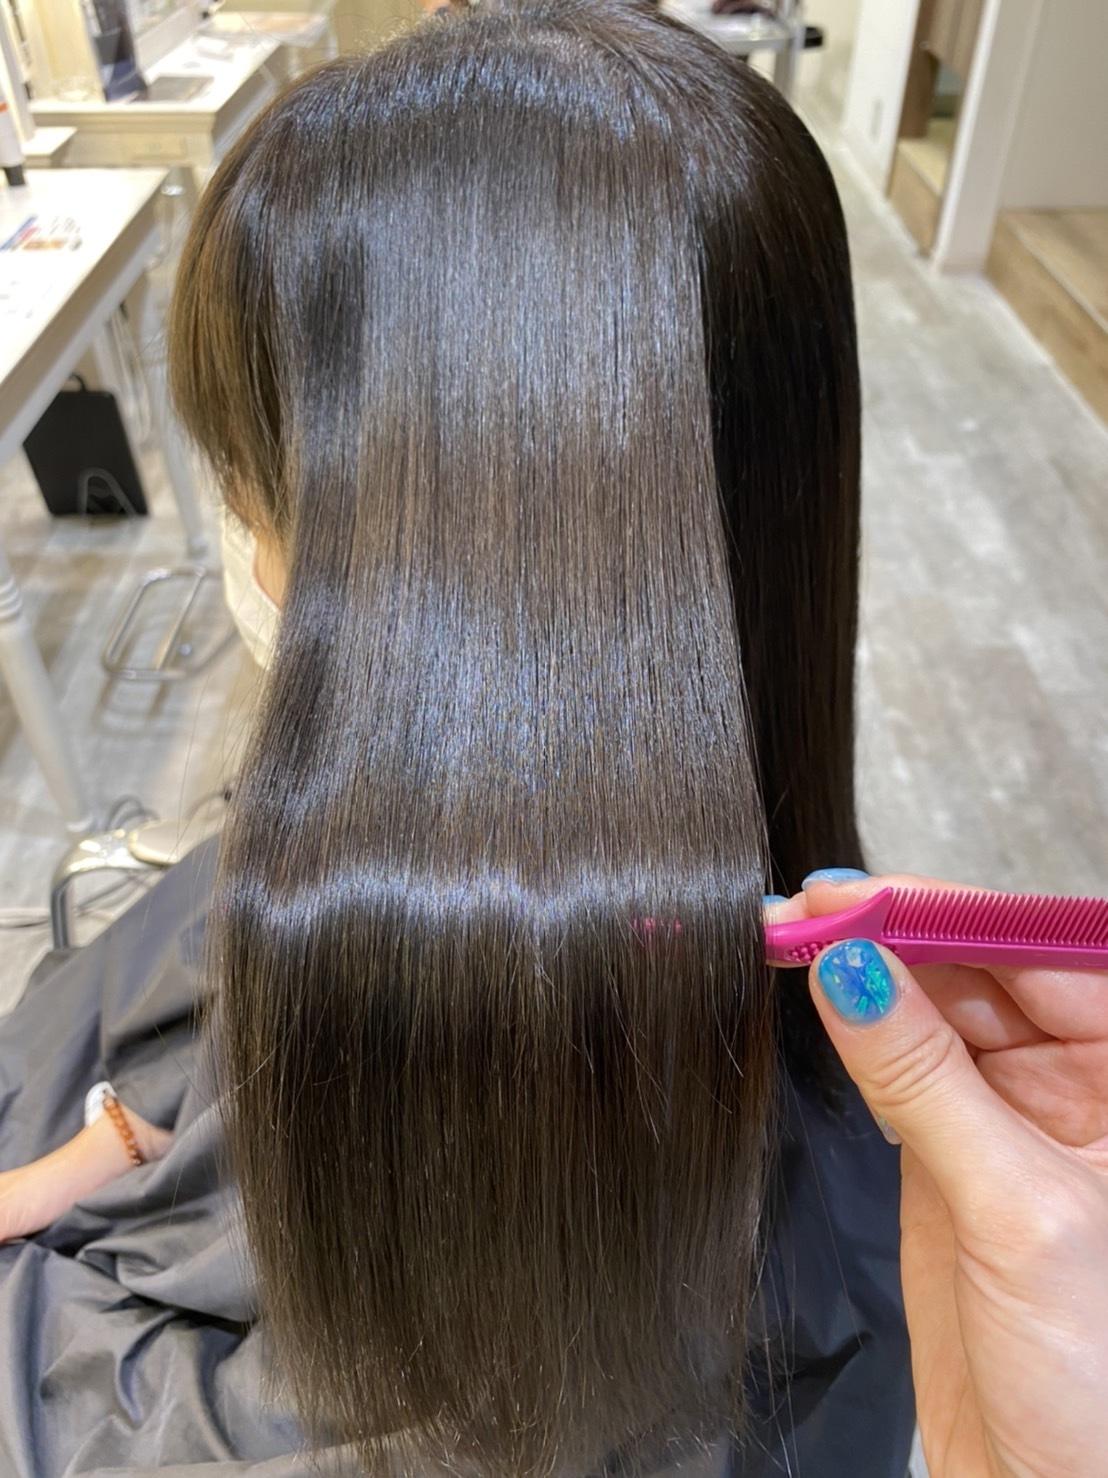 髪質改善級のトリートメント<COREME>導入!短い時間で毛髪内部を補修し、理想の質感が長く続く◎